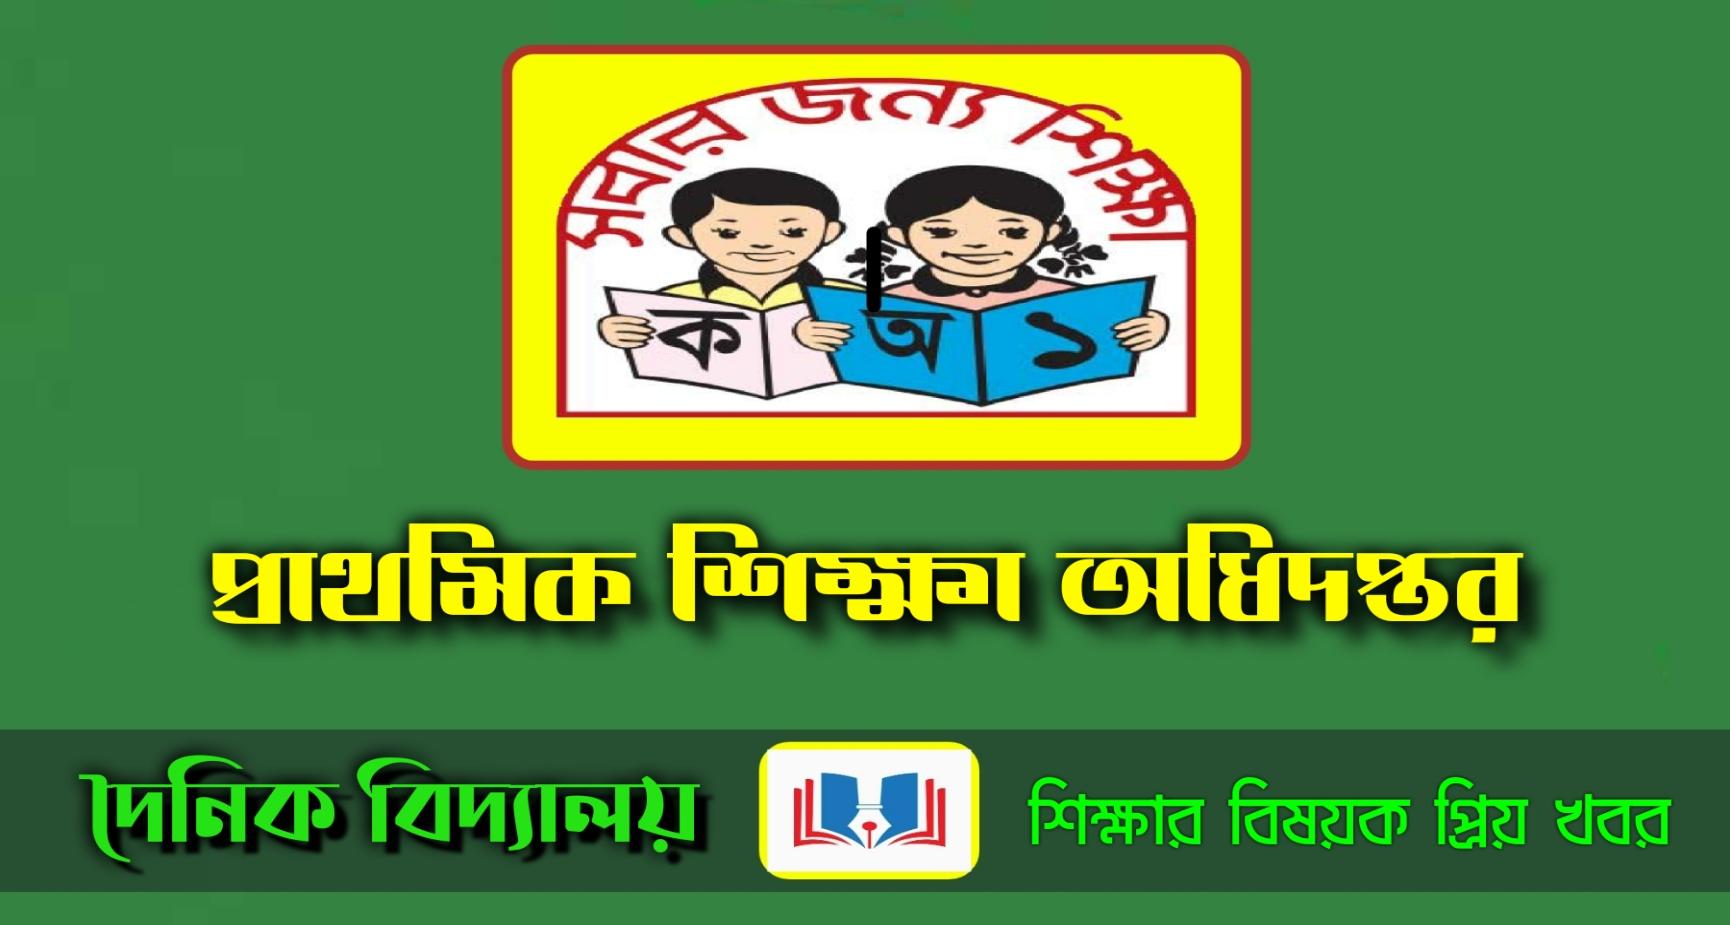 এবছর প্রাথমিক বিদ্যালয়ে ছাত্র-ছাত্রী ভর্তির ৭টি নির্দেশনা অধিদপ্তরের